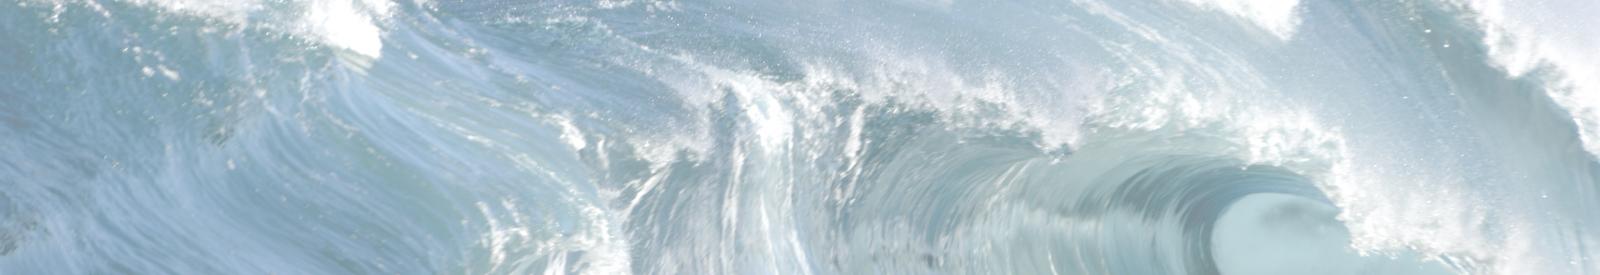 wave_banner_1600x275